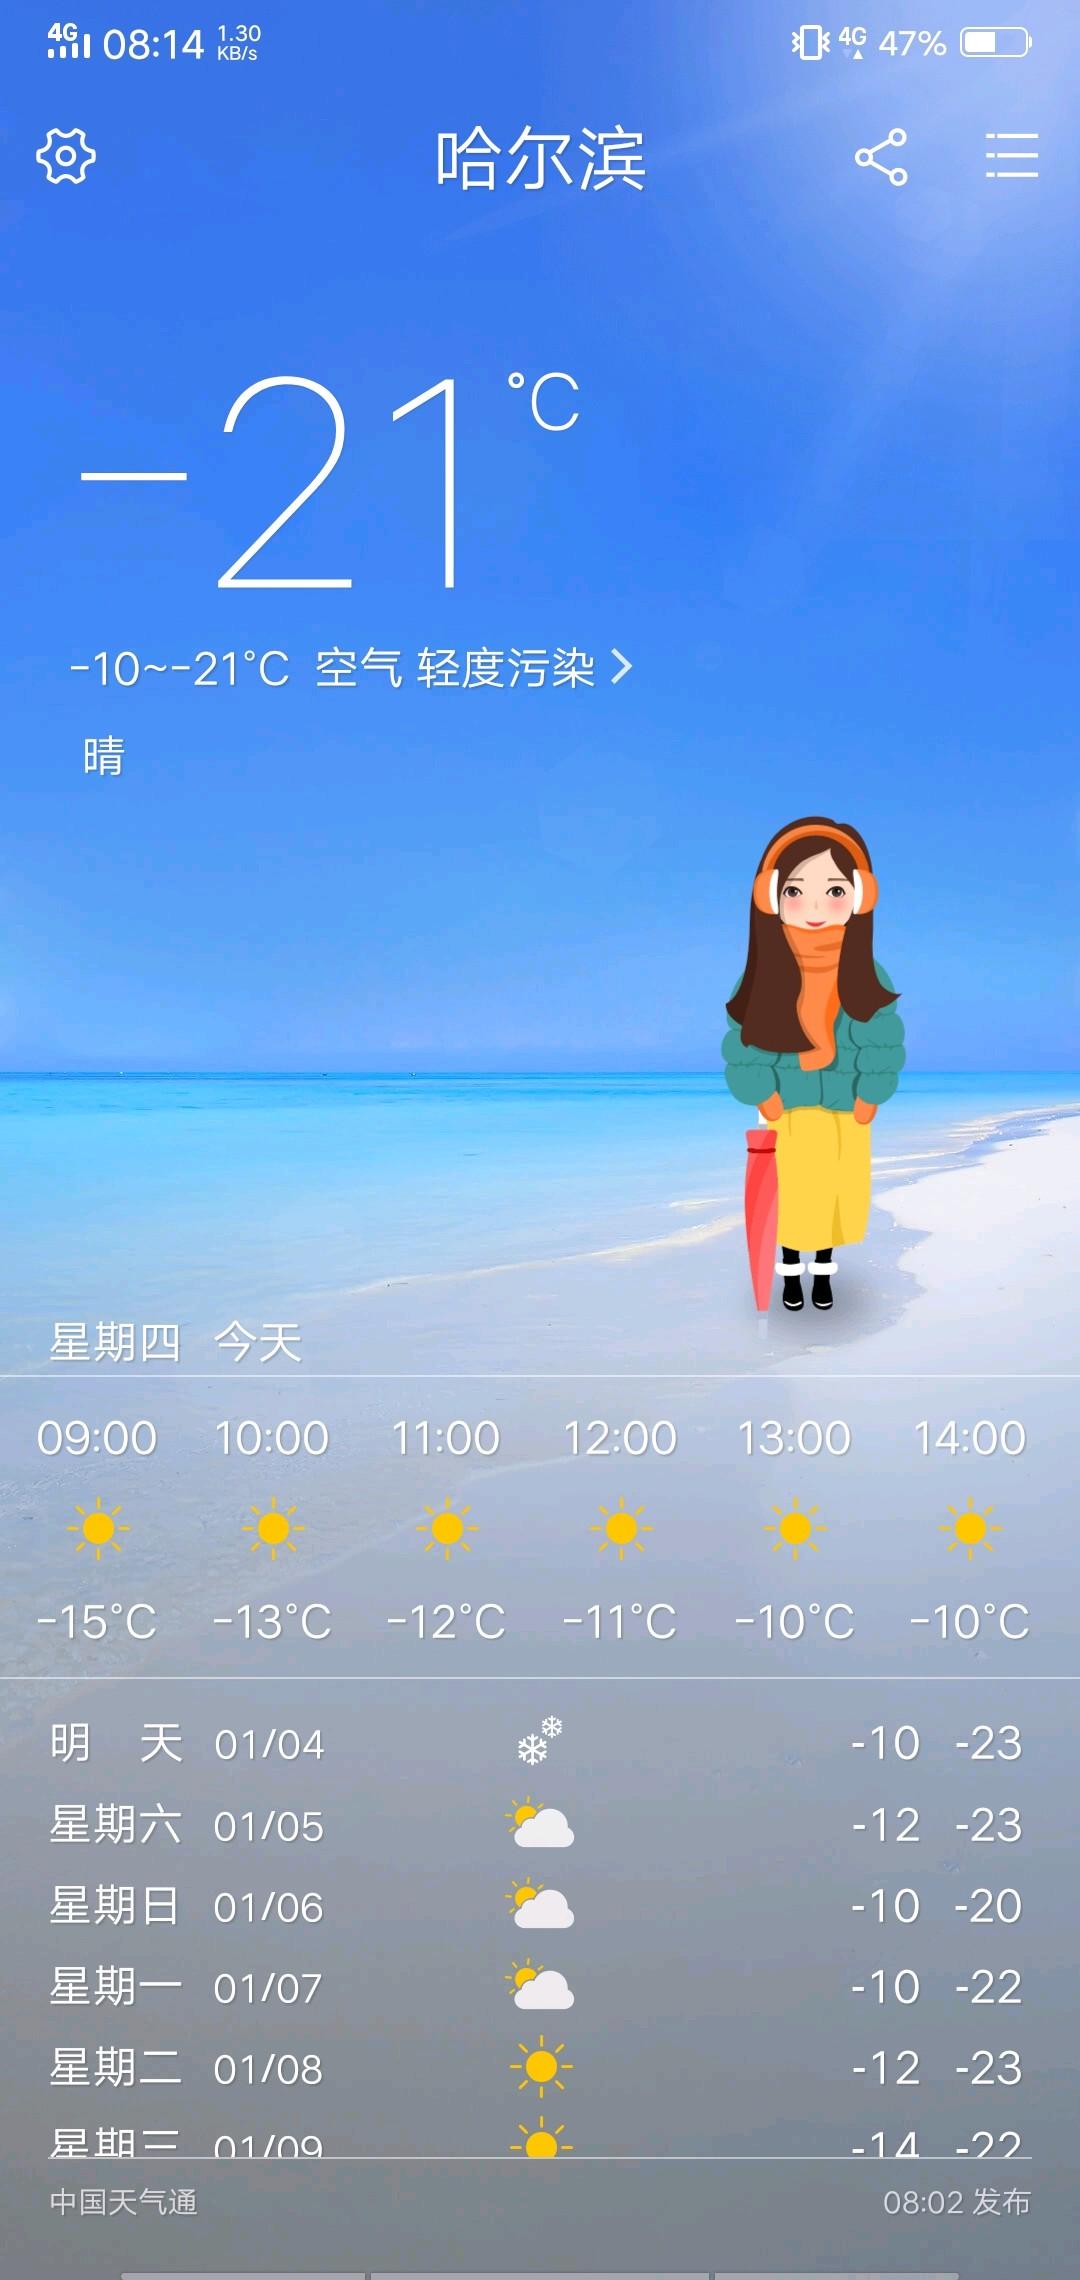 Screenshot_20190103_081436.jpg